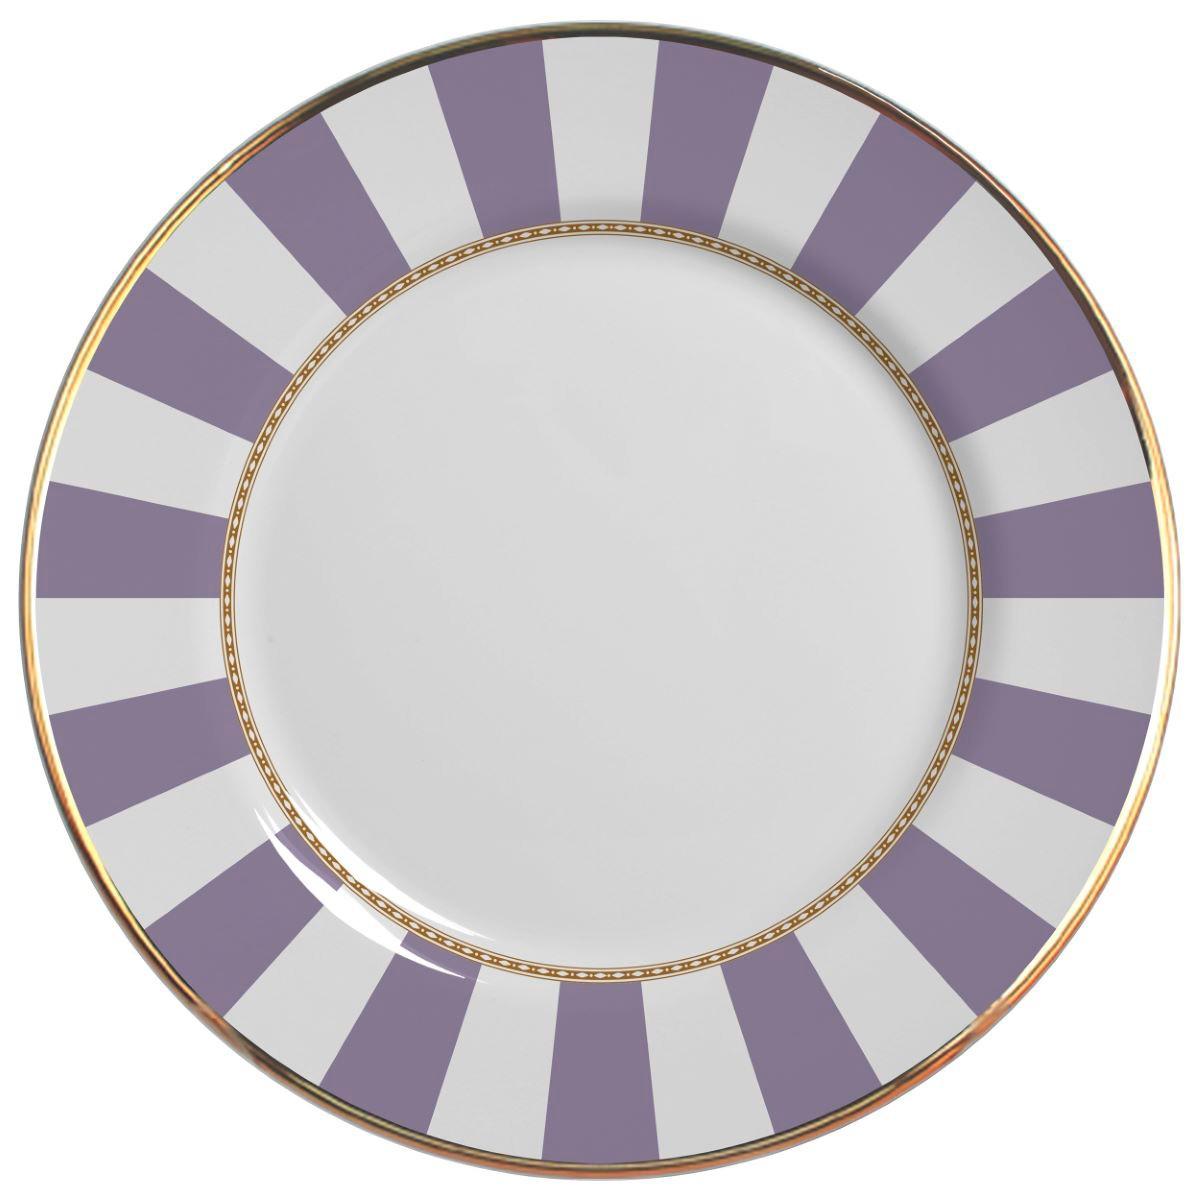 Prato Raso Lavender Strip